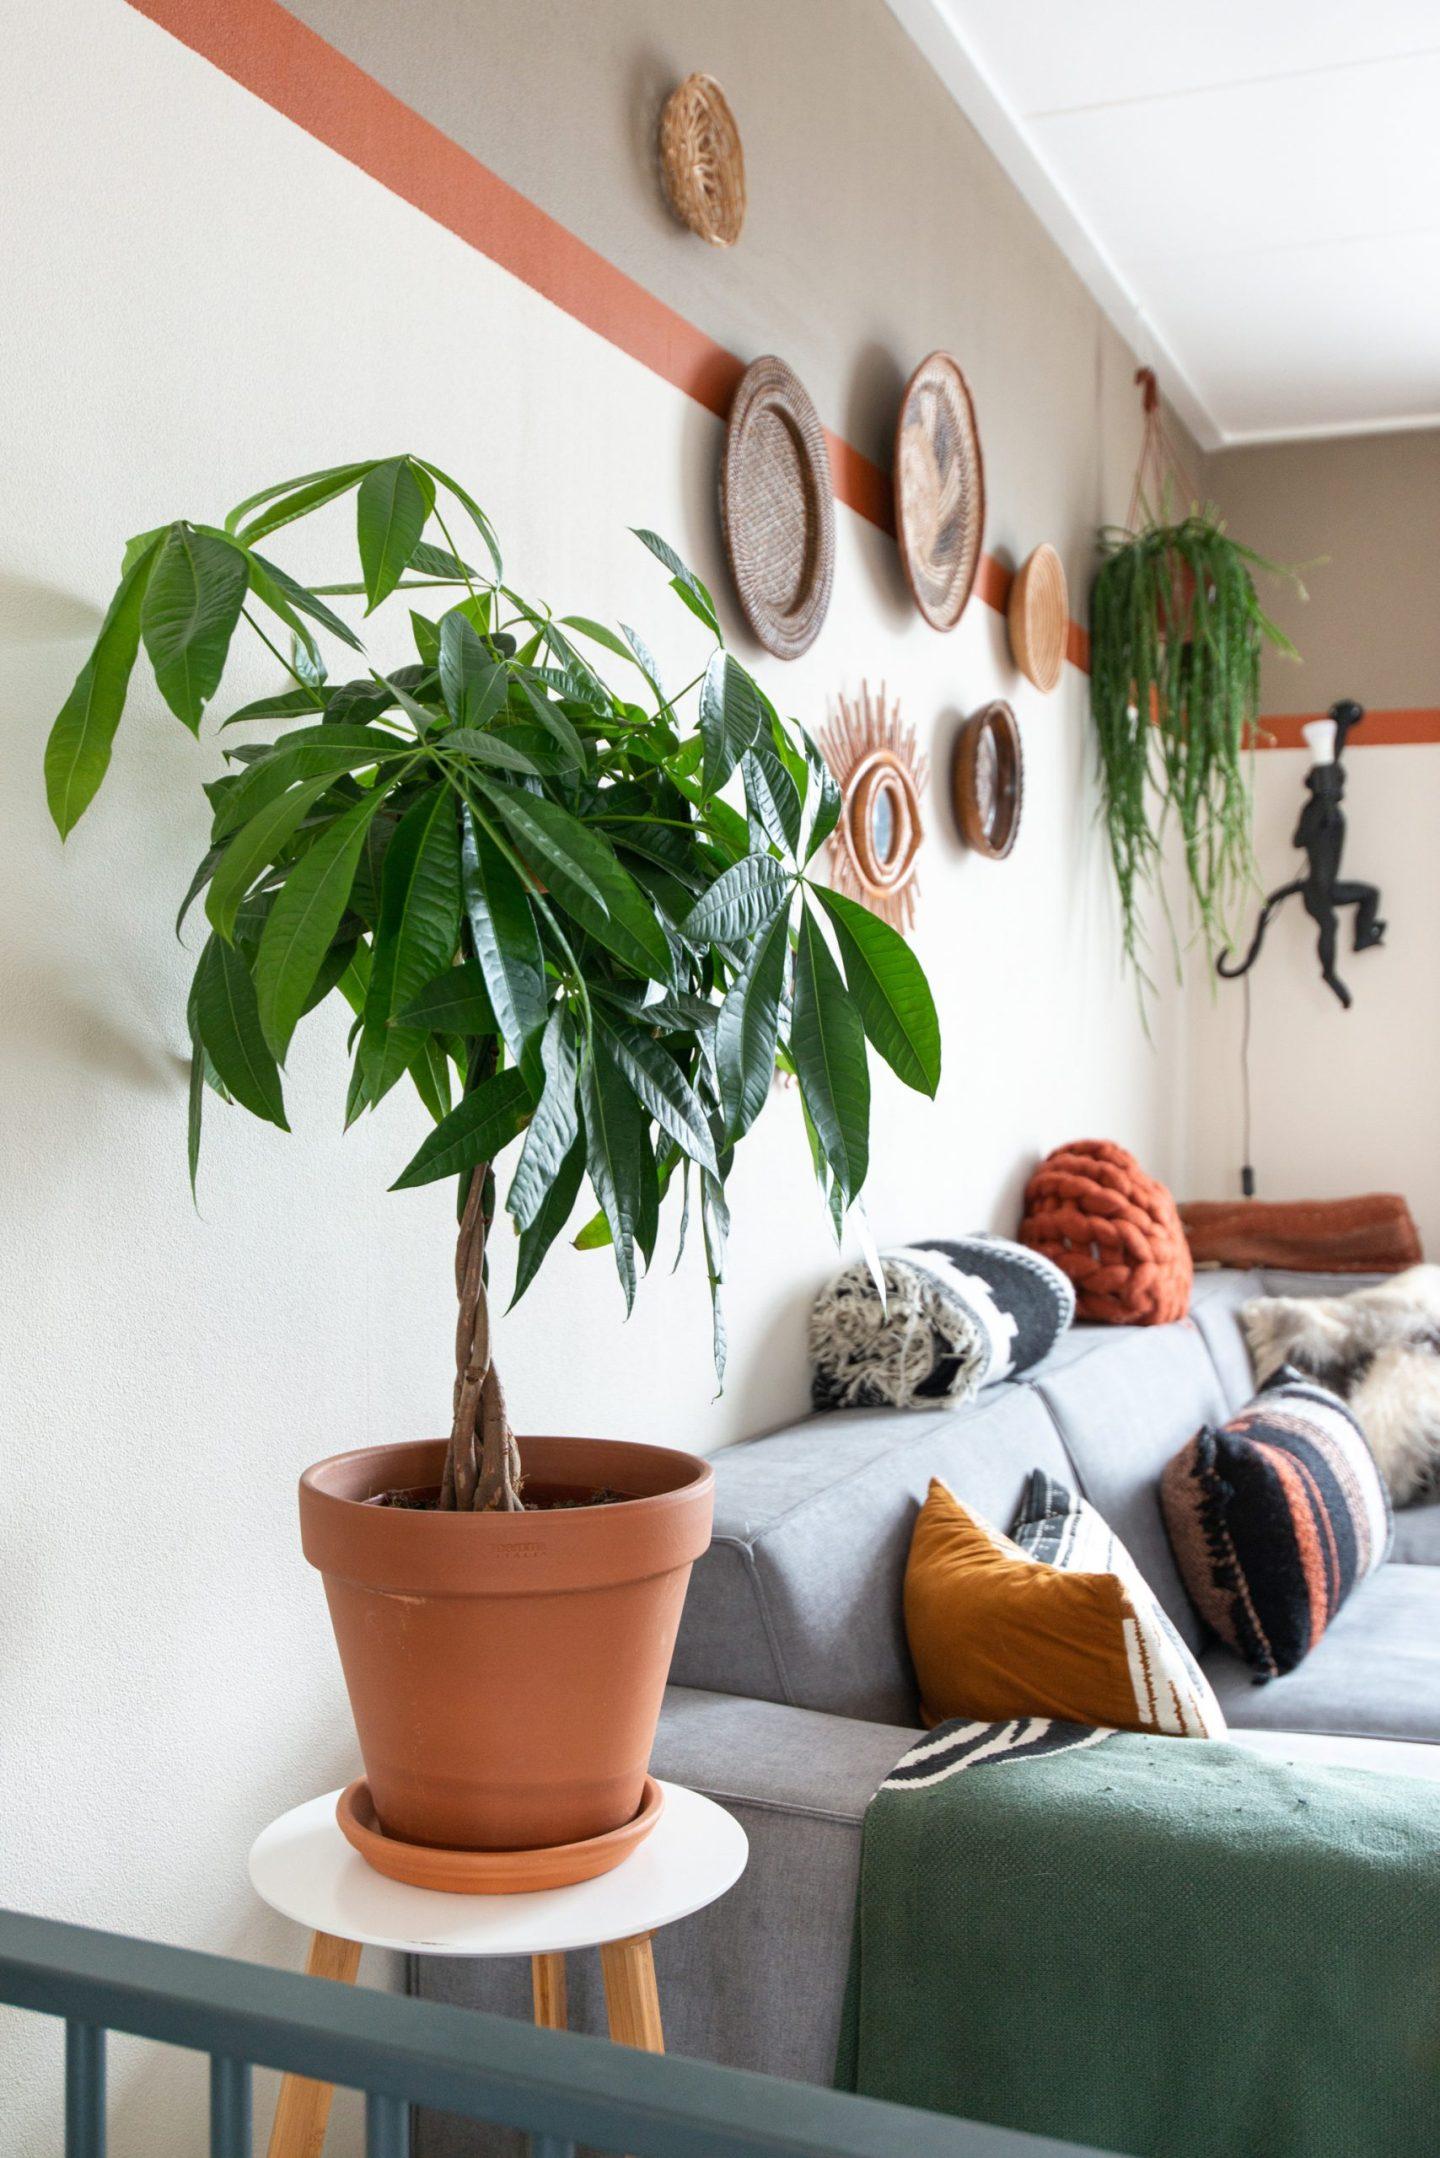 keeelly91-muurkleur-interieur-blogger-planten-pachira-woonkamer-bohemian-walldecoration-wonen-fotograaf-modernboho